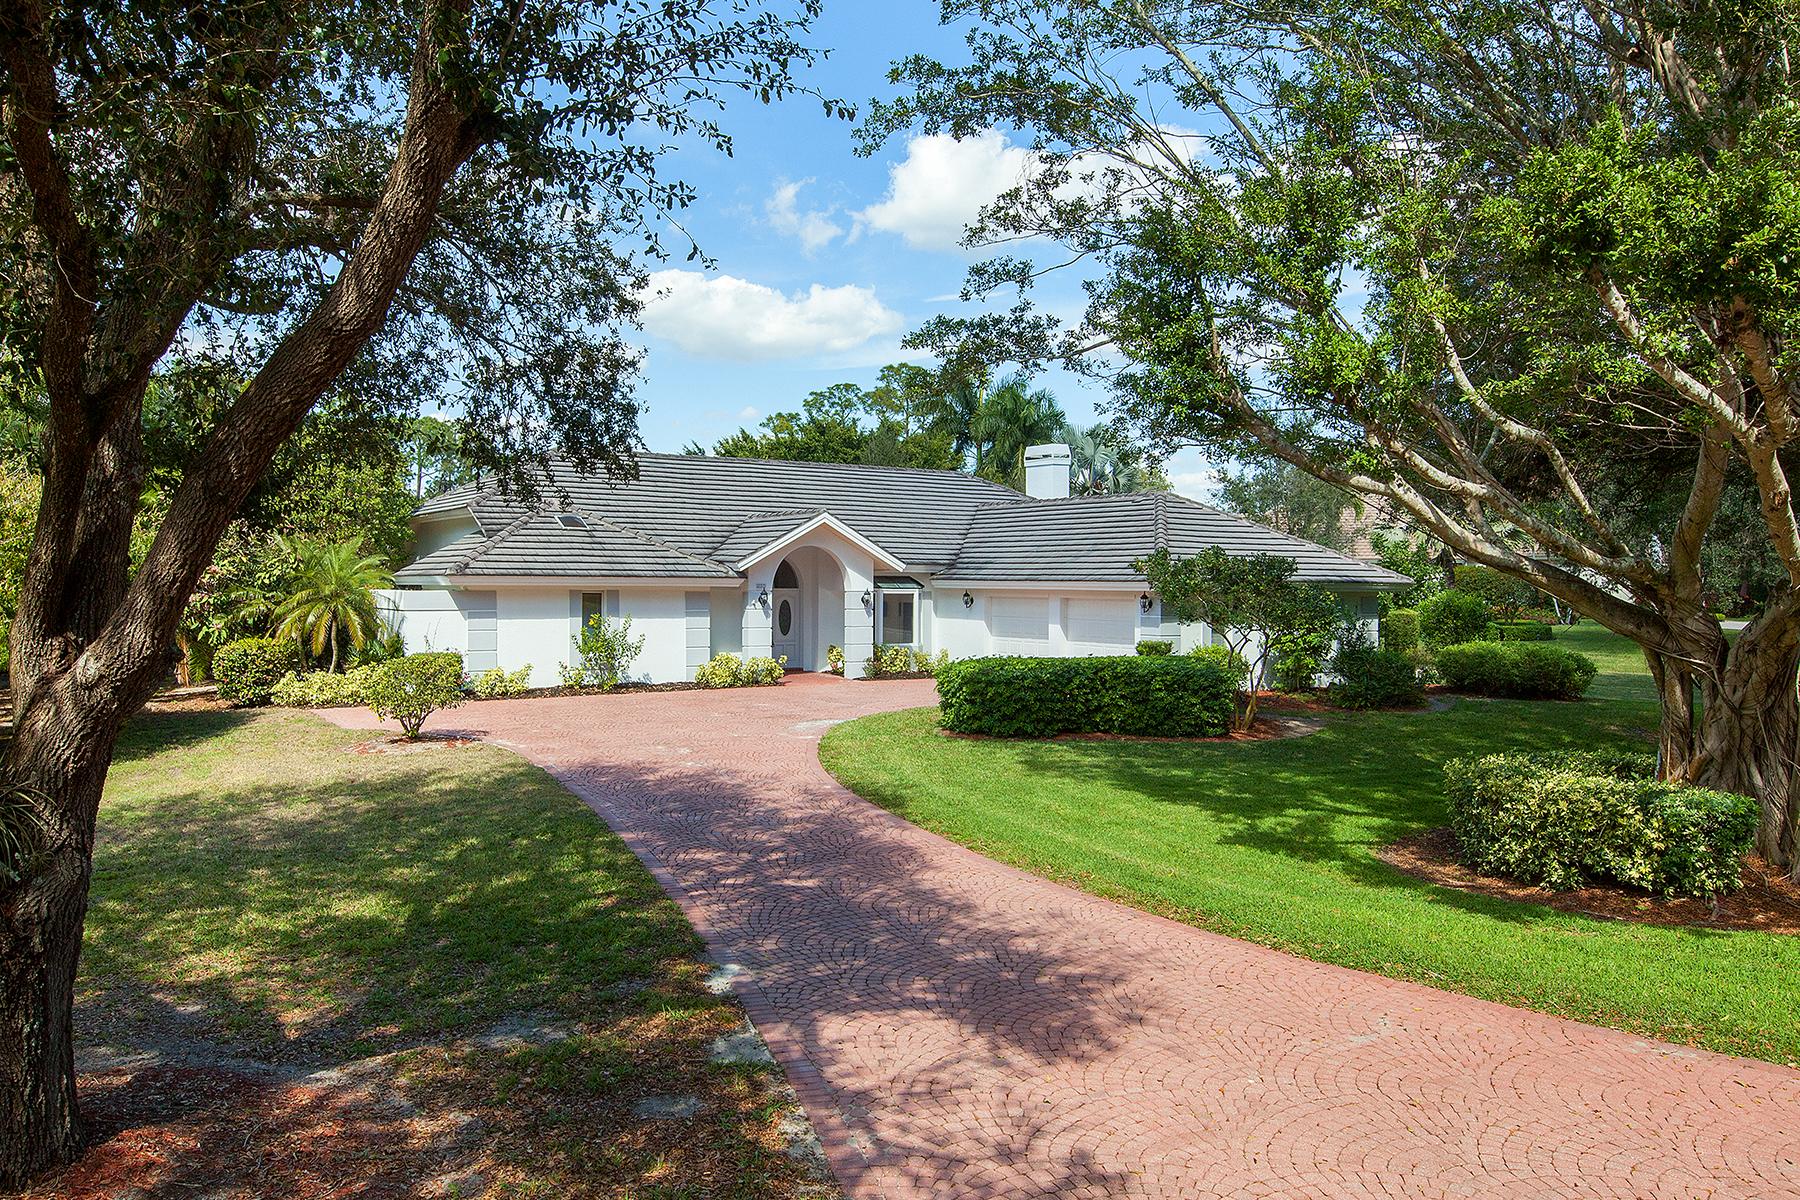 sales property at 4887 Pond Apple Dr S, Naples, FL 34119